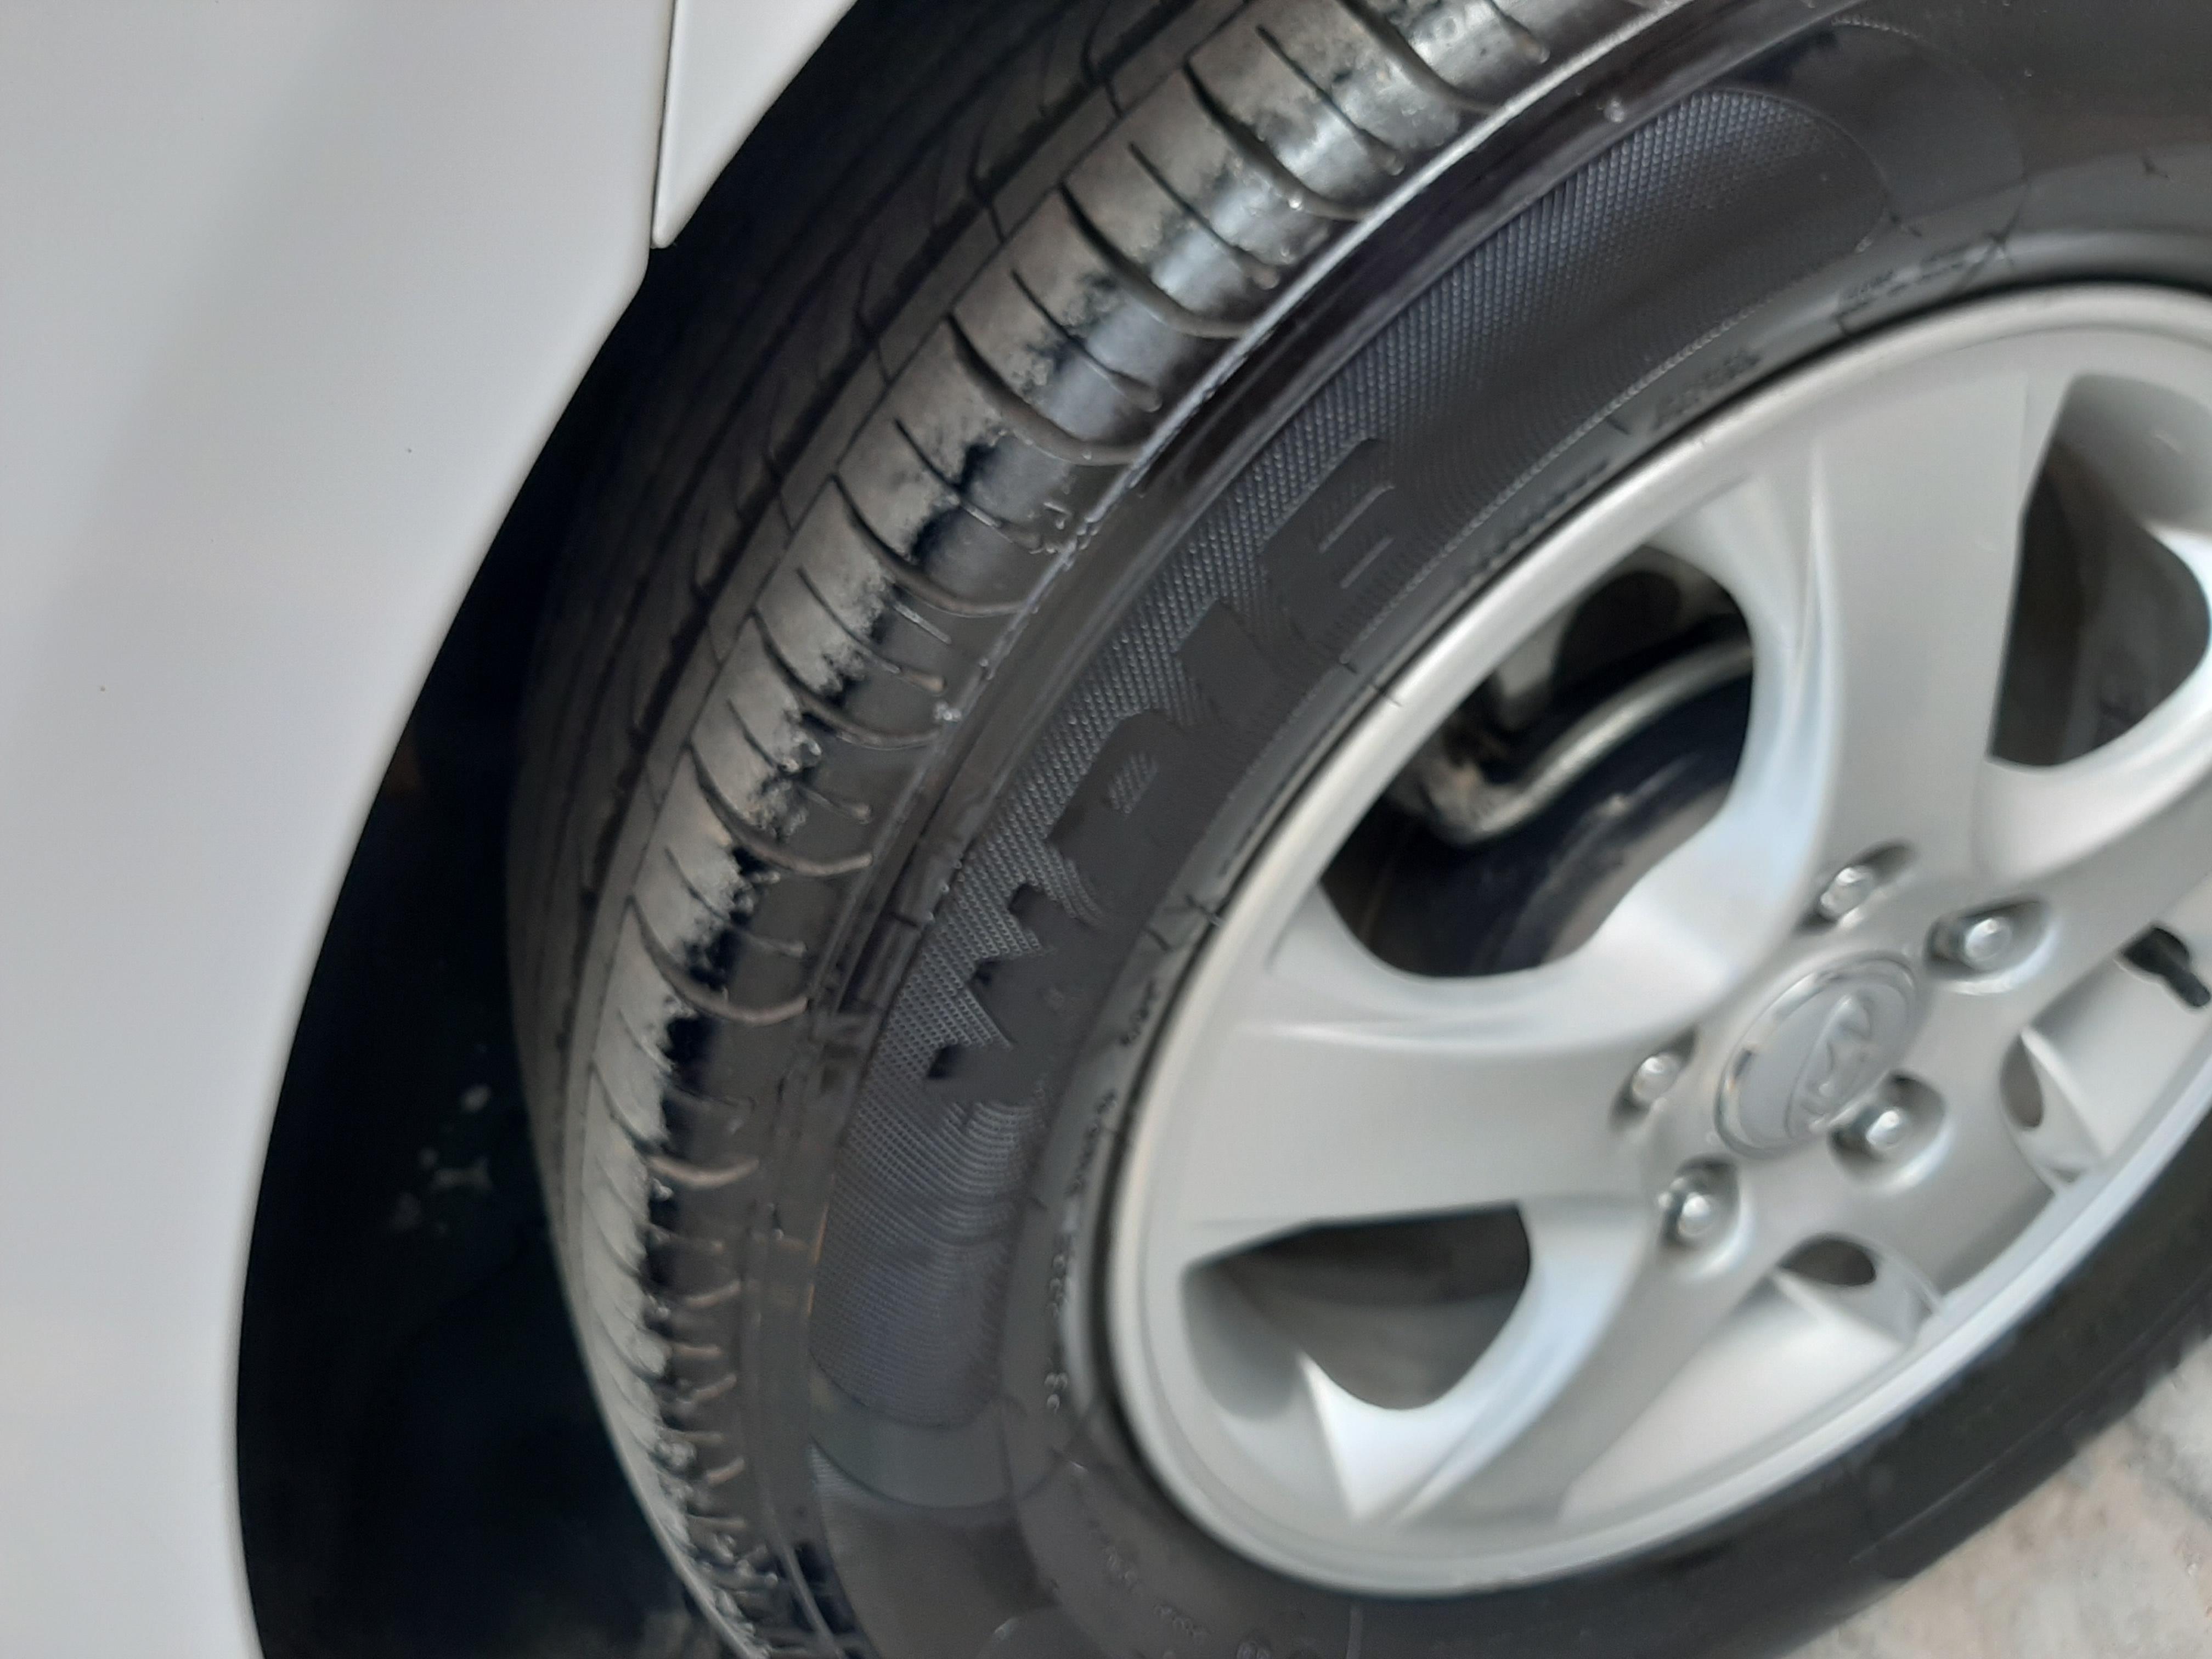 Hyundai Elantra 1.6(lt) 2011 Подержанный  $9500